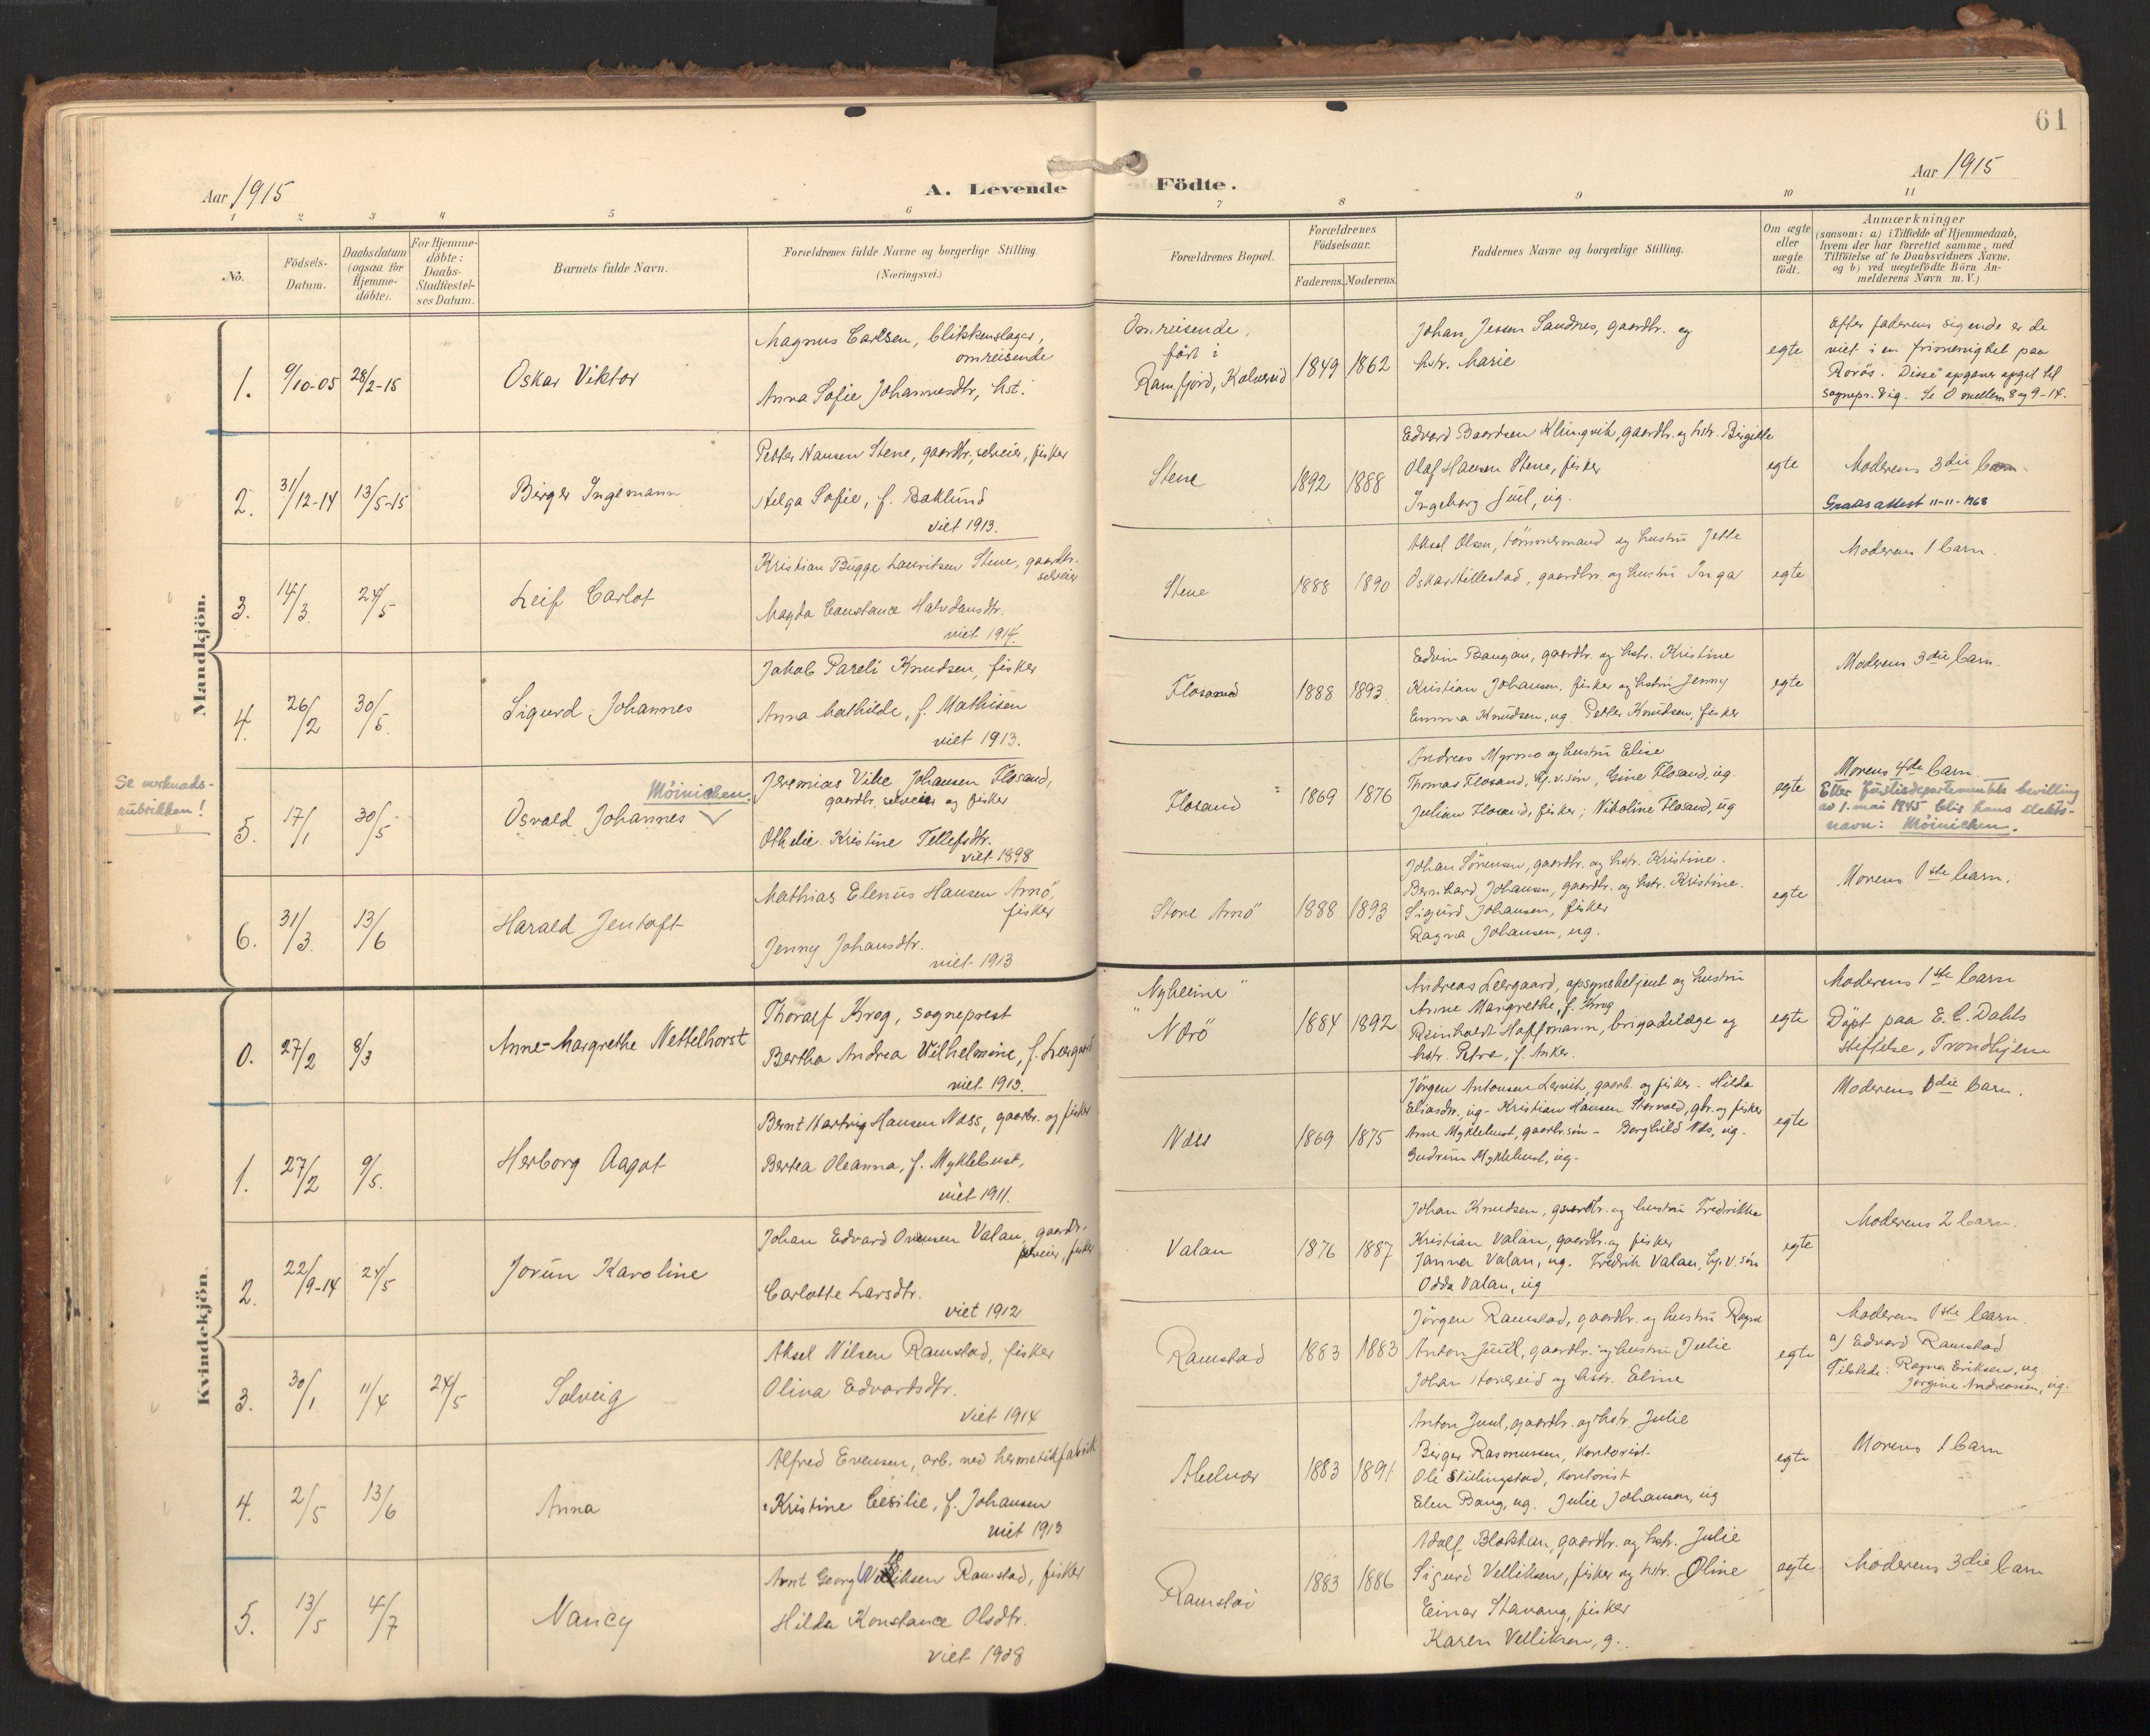 SAT, Ministerialprotokoller, klokkerbøker og fødselsregistre - Nord-Trøndelag, 784/L0677: Ministerialbok nr. 784A12, 1900-1920, s. 61